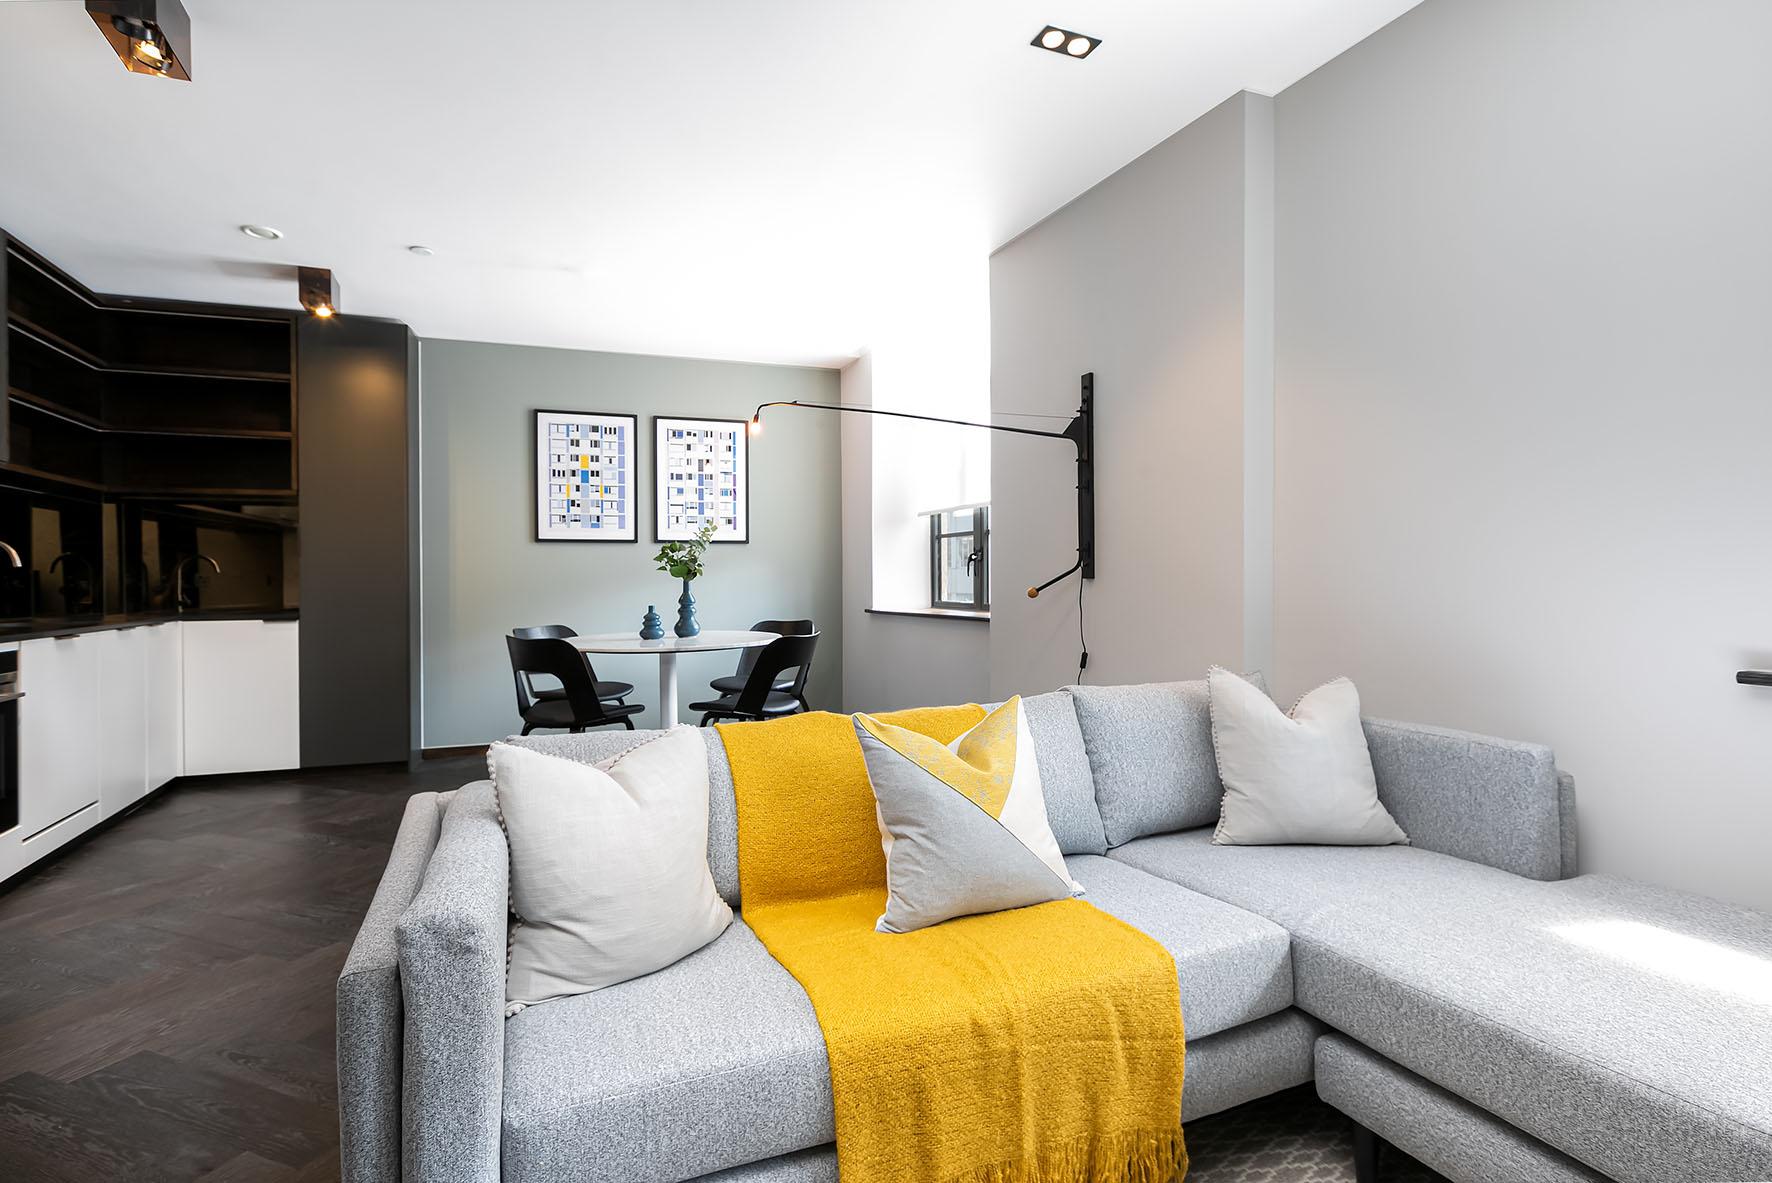 Lovelydays luxury service apartment rental - London - Soho - Oxford Street V - Lovelysuite - 1 bedrooms - 1 bathrooms - Luxury living room - e48755f4526c - Lovelydays